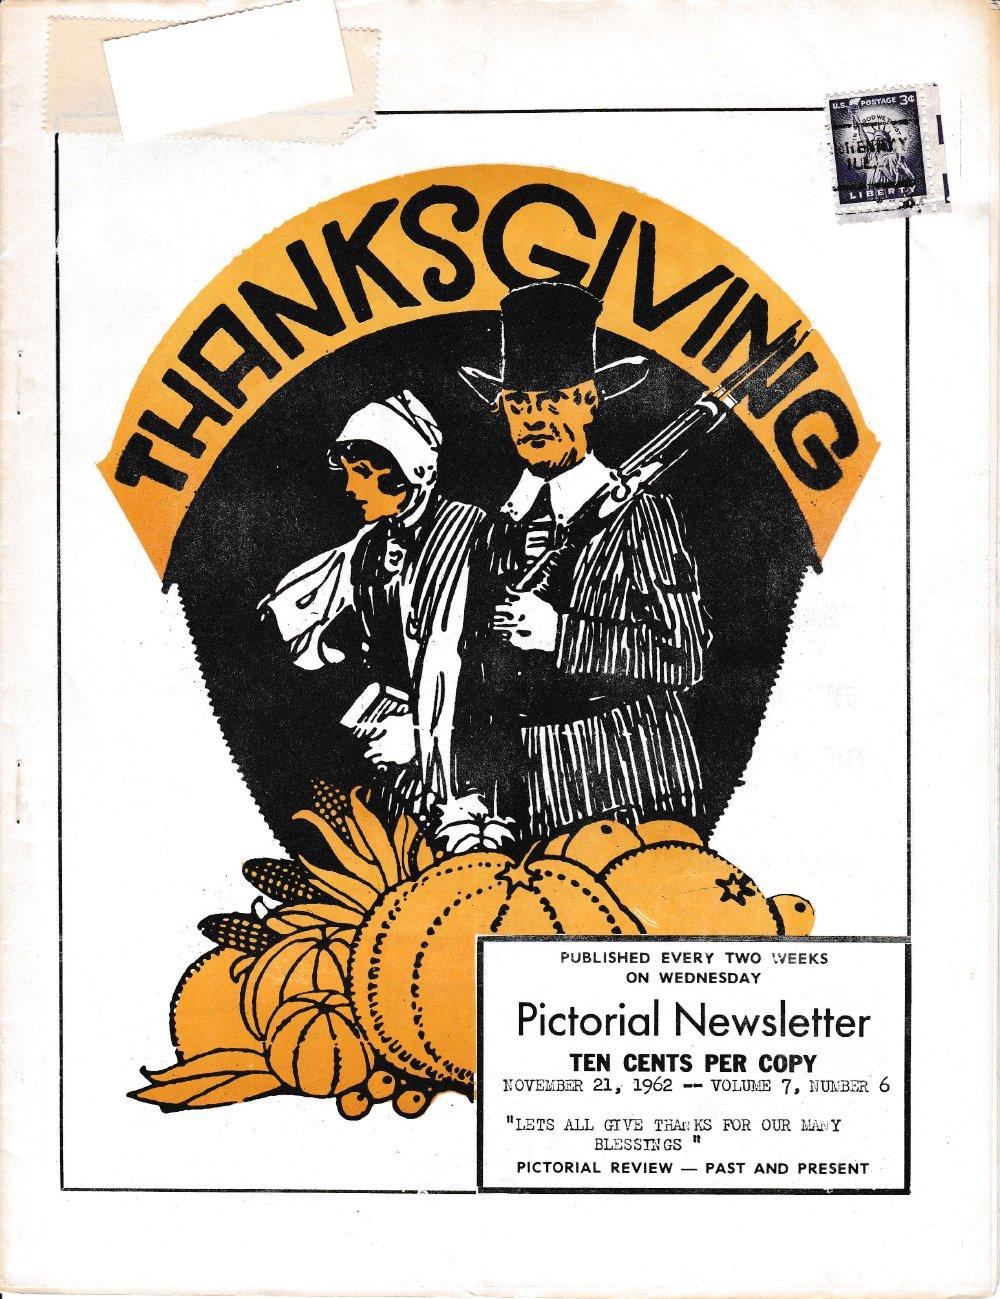 The Pictorial Newsletter: November 21, 1962